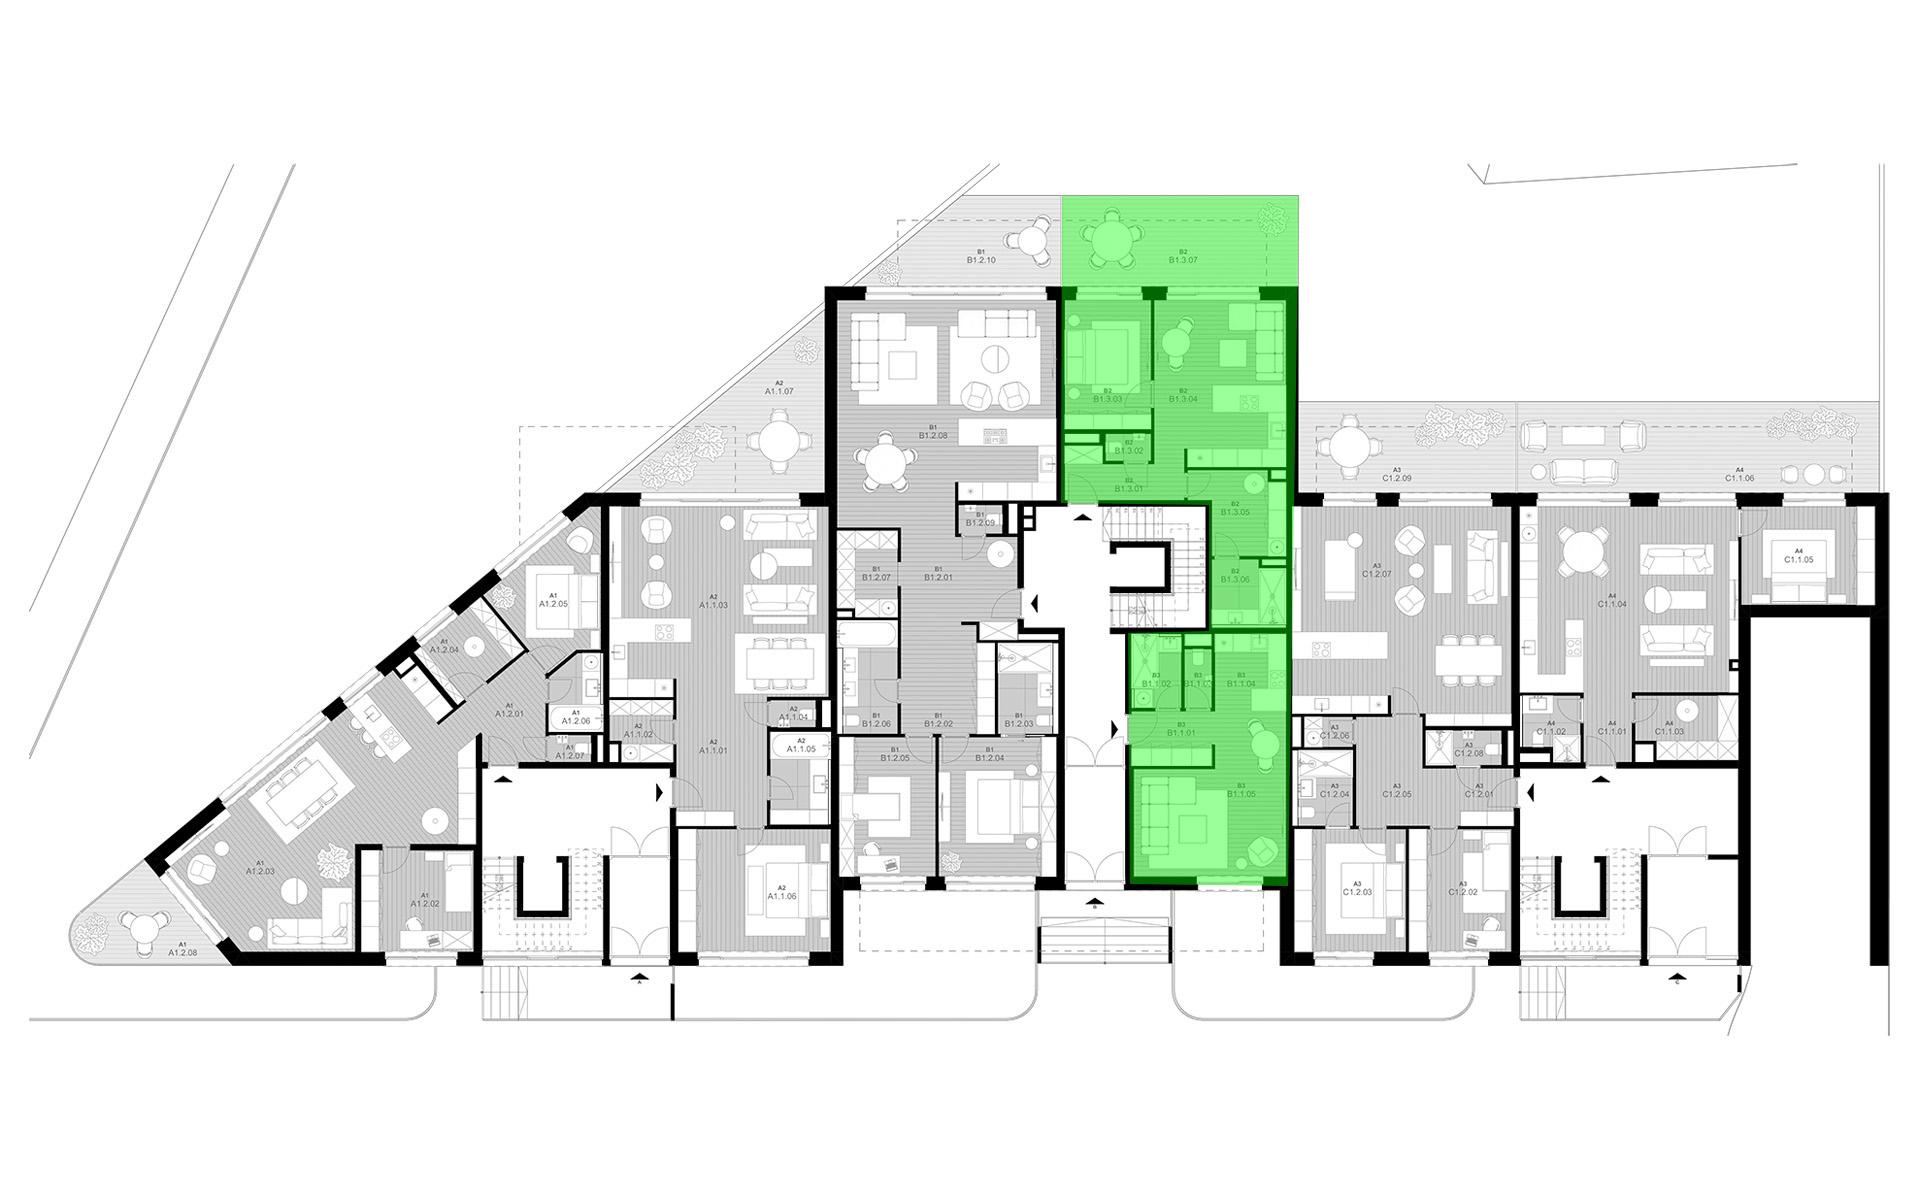 rezidencia K Železnej Studienke - pôdorys so zvýraznením bytu B1.1